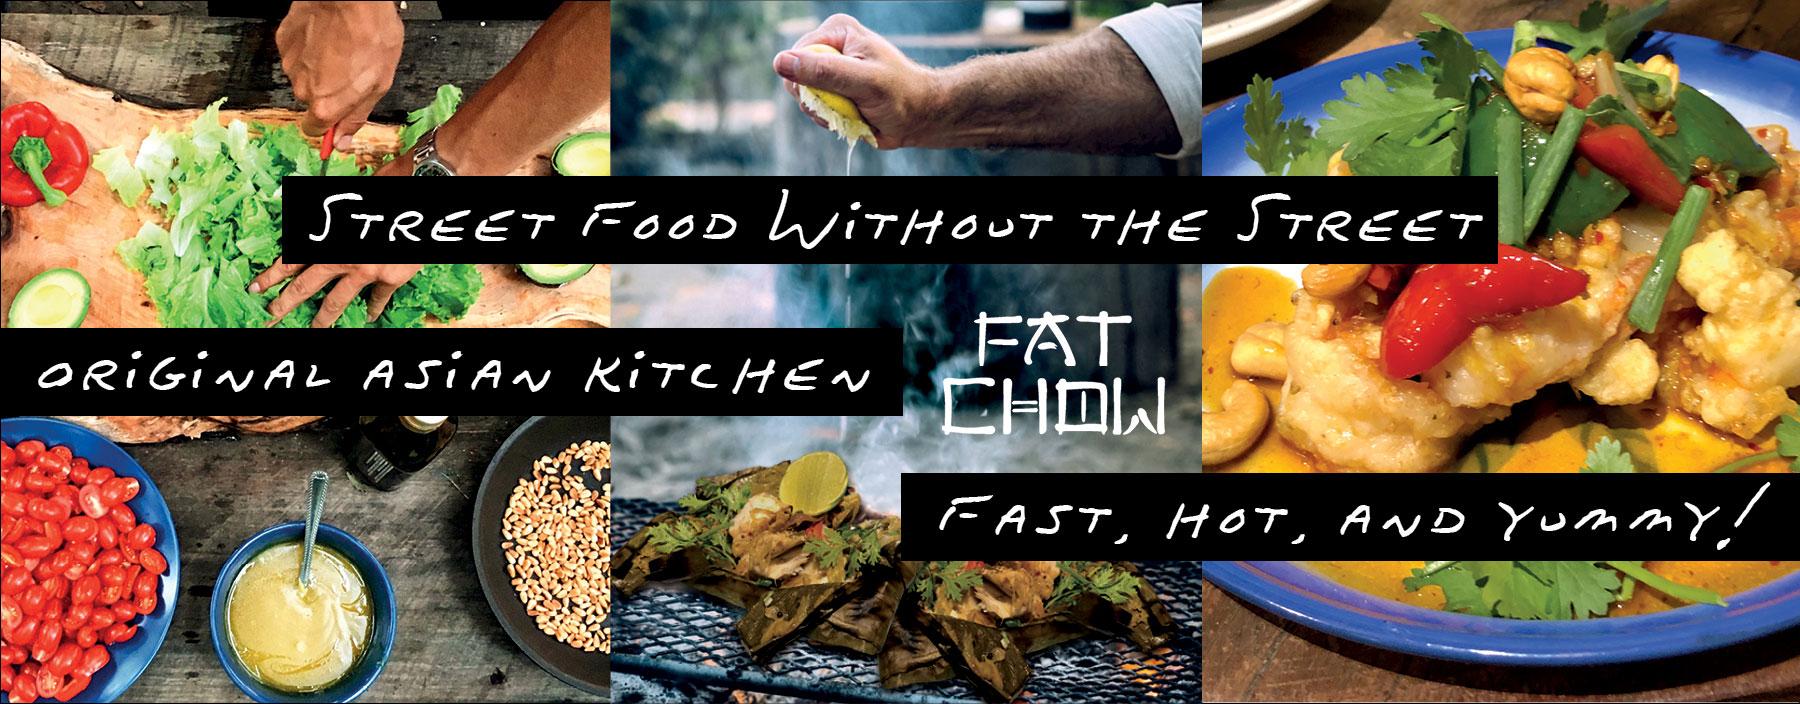 Fat Chow Chiang Mai Original Asian Kitchen